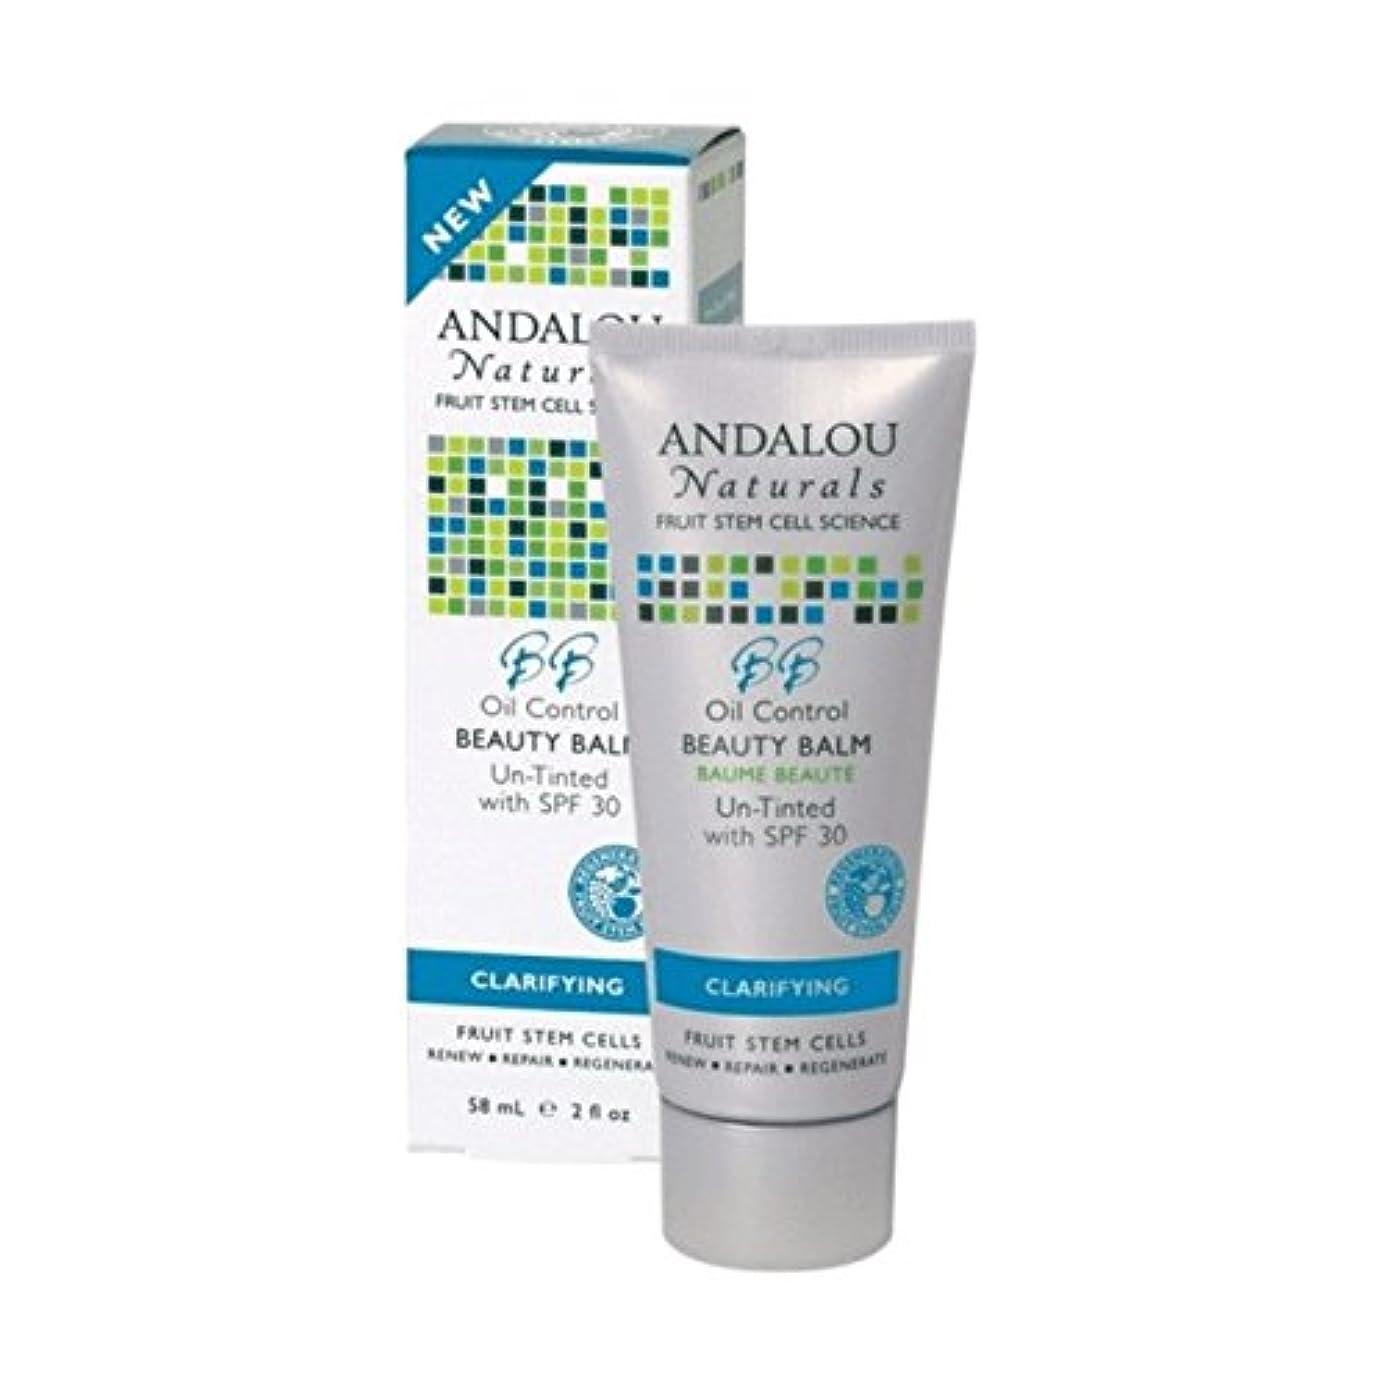 余暇ナプキン砦Andalou Oil Control Beauty Balm Un-Tinted SPF 30 58ml (Pack of 2) - アンダロウオイルコントロール美容バーム未着色Spf 30 58ミリリットル (x2)...